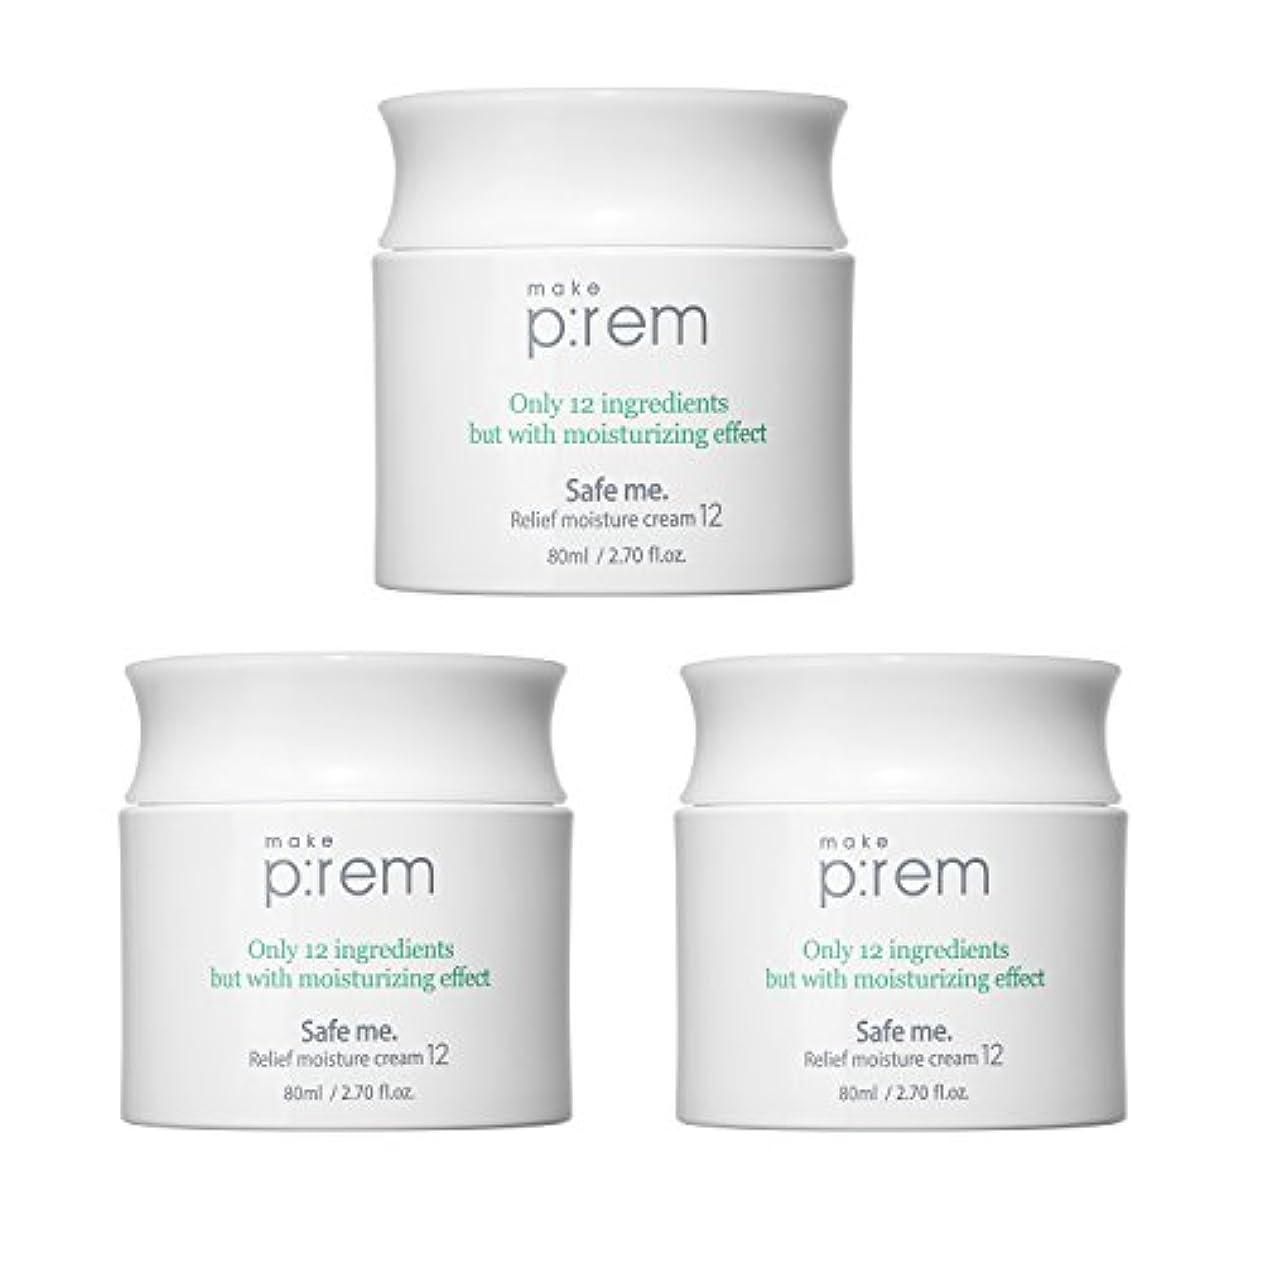 くま瞑想する役に立たない(3個セット) x [MAKE P:REM] メイクプレム セーフミ?リリーフモイスチャークリーム12 80ml / Safe me. Relief moisture Cream 12 80ml / / 韓国製 . 海外直送品